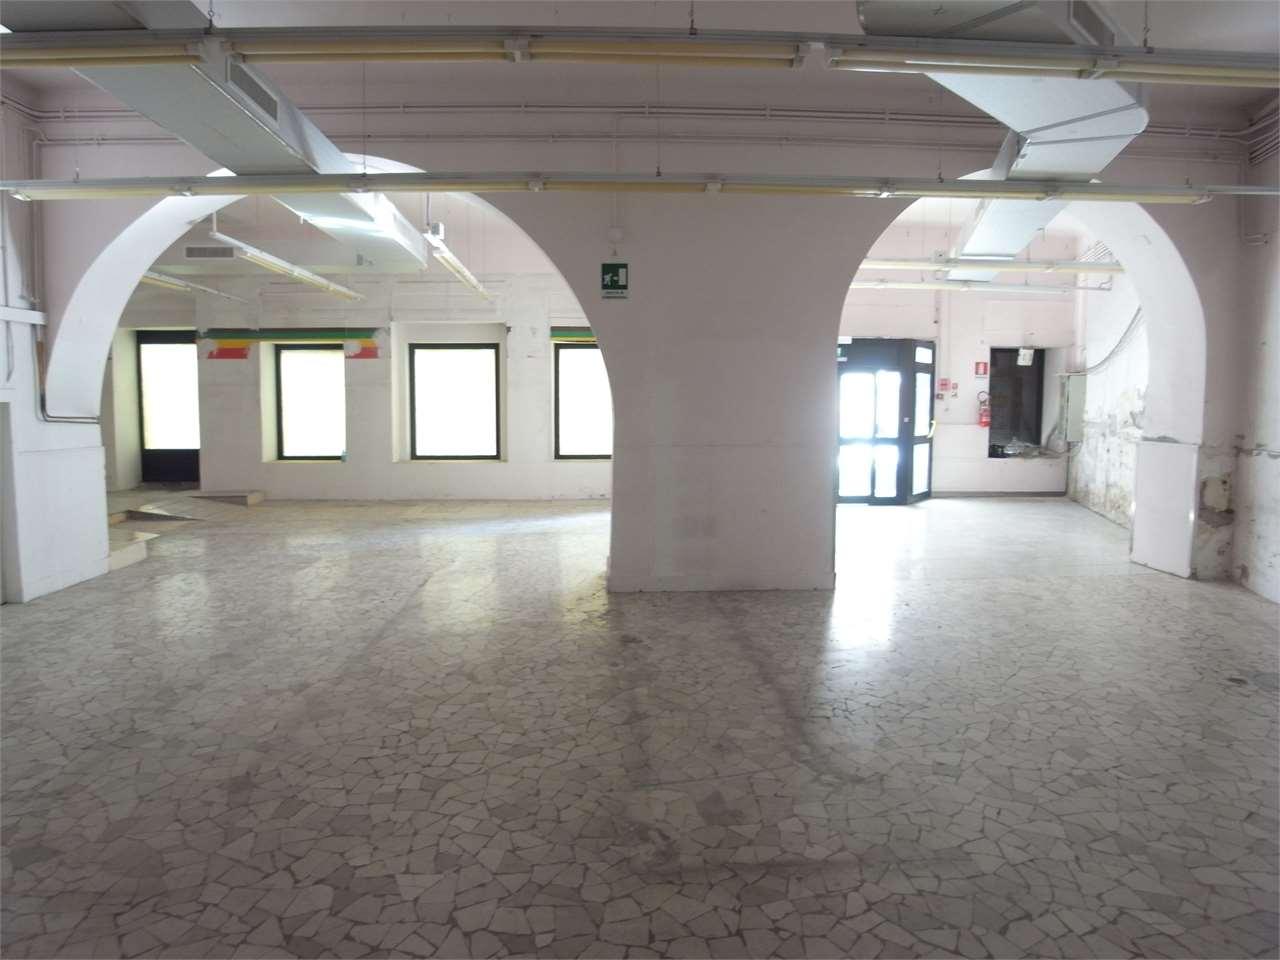 Negozio / Locale in affitto a Trieste, 1 locali, zona ro, prezzo € 2.200 | PortaleAgenzieImmobiliari.it